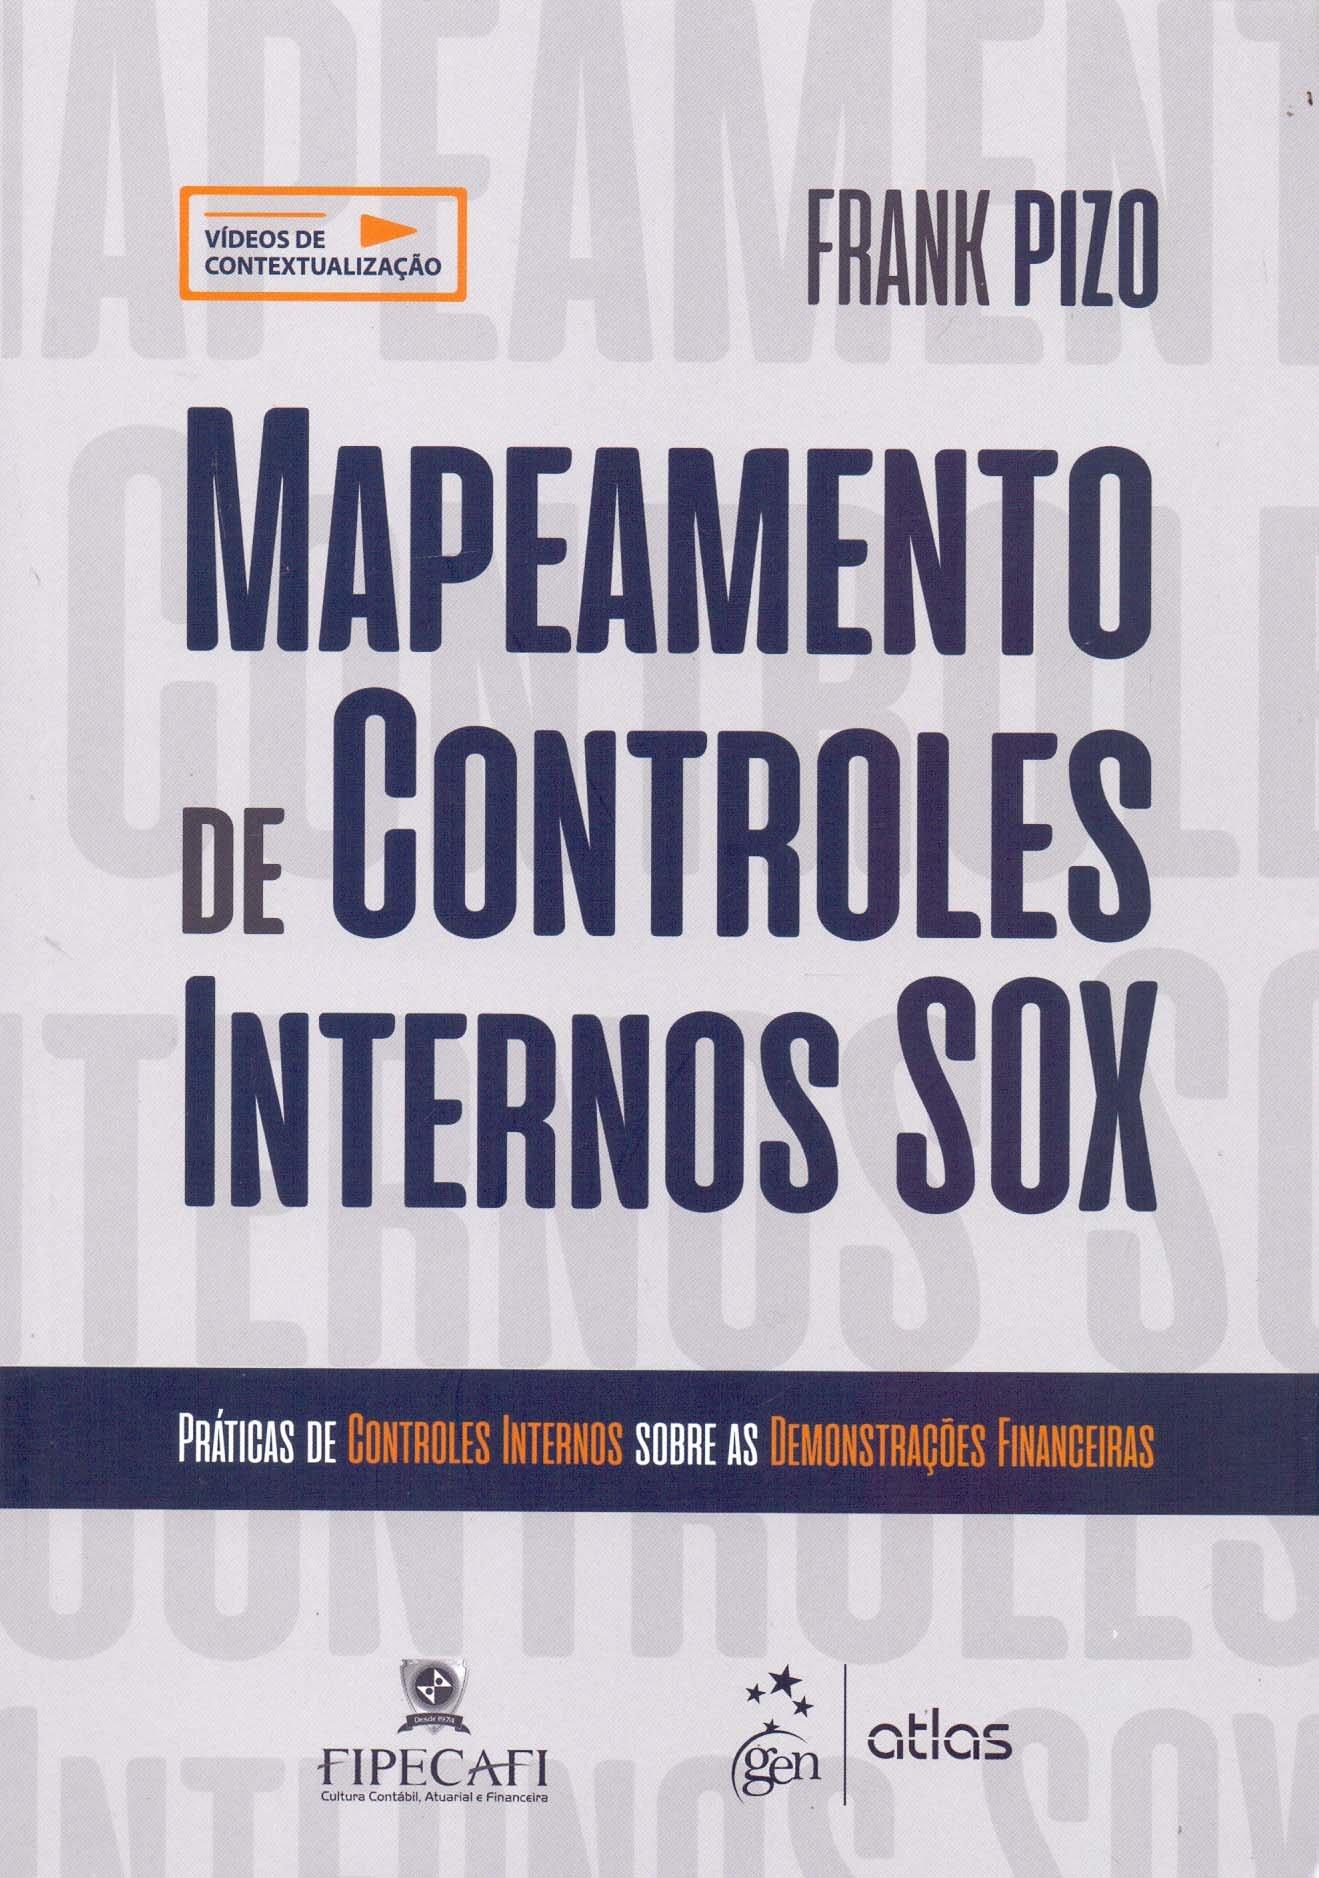 Mapeamento de Controles Internos SOX: Práticas de Controles Internos Sobre as Demonstrações Financeiras PDF